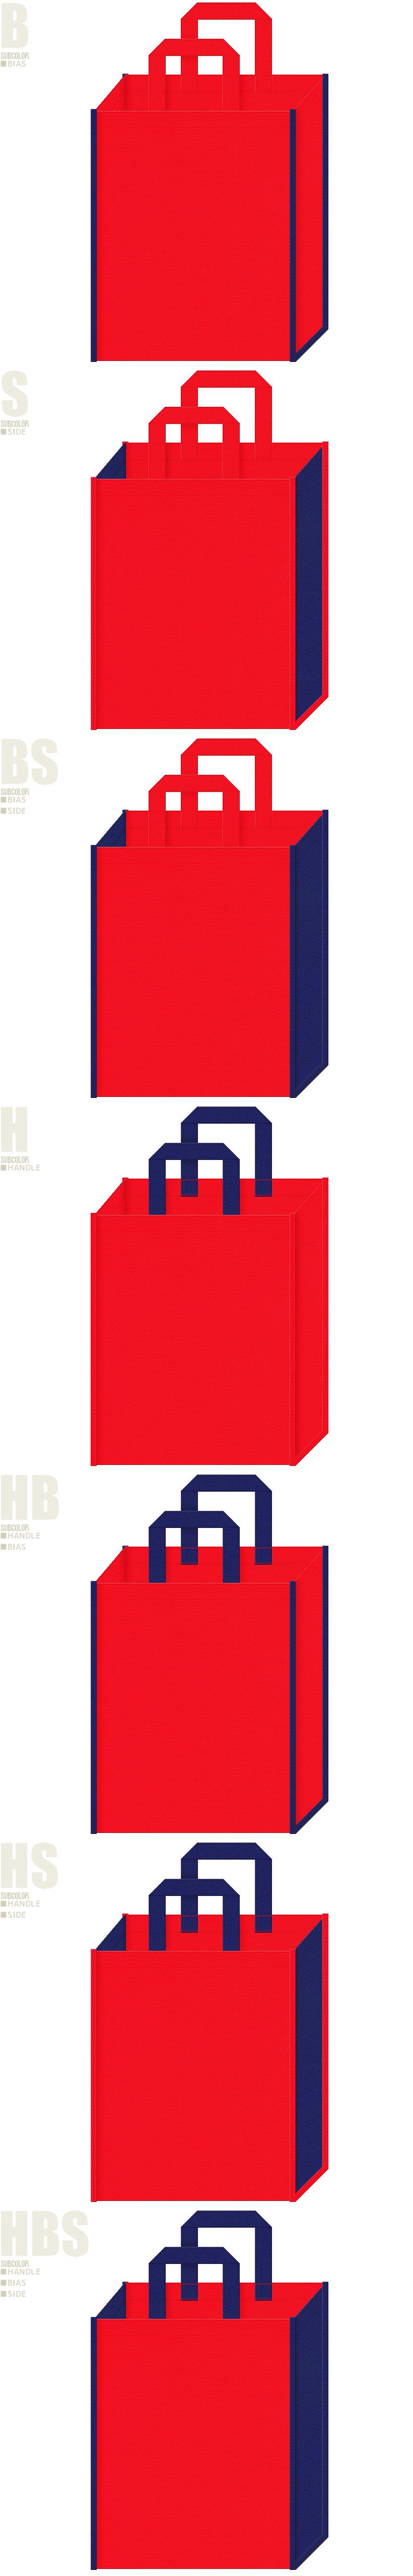 夏祭り・縁日・法被・花火大会・金魚すくい・サマーイベント・国旗・アメリカ・イギリス・フランス・海外旅行・トラベルバッグ・語学教室・レッスンバッグにお奨めの不織布バッグデザイン:赤色と明るい紺色の配色7パターン